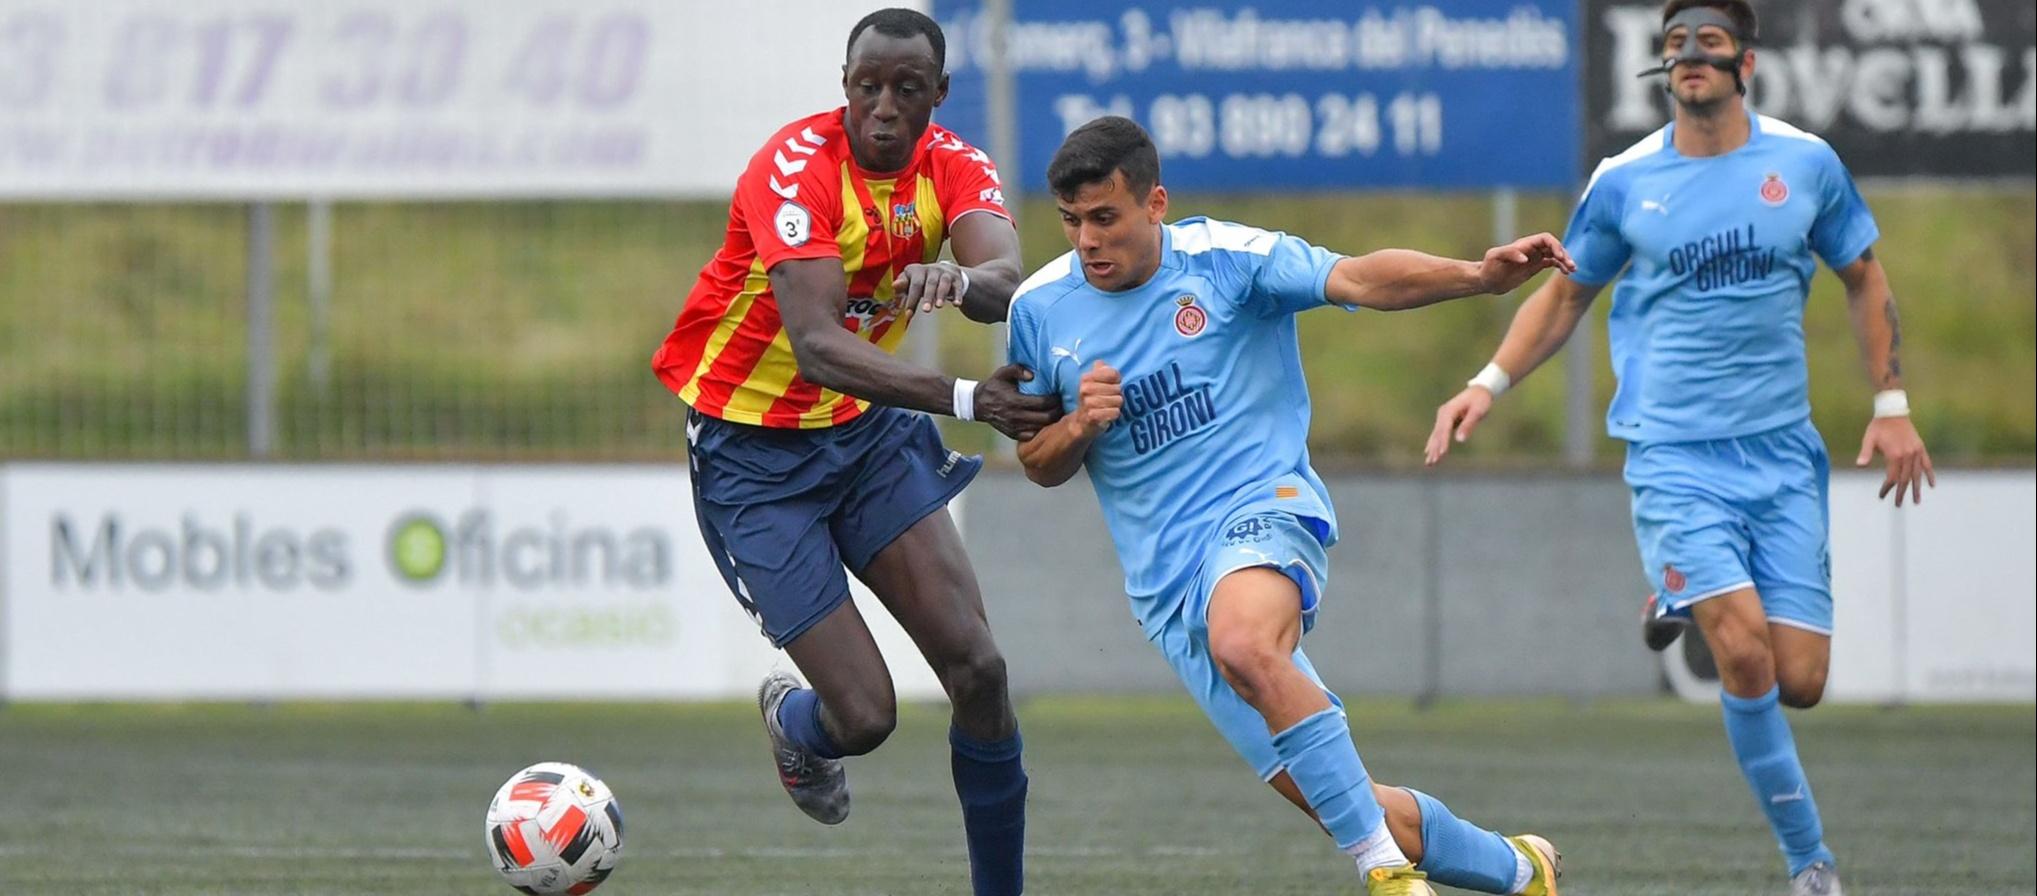 Resum i gols de la jornada 1 de la segona fase de Tercera Divisió (Grup 5)